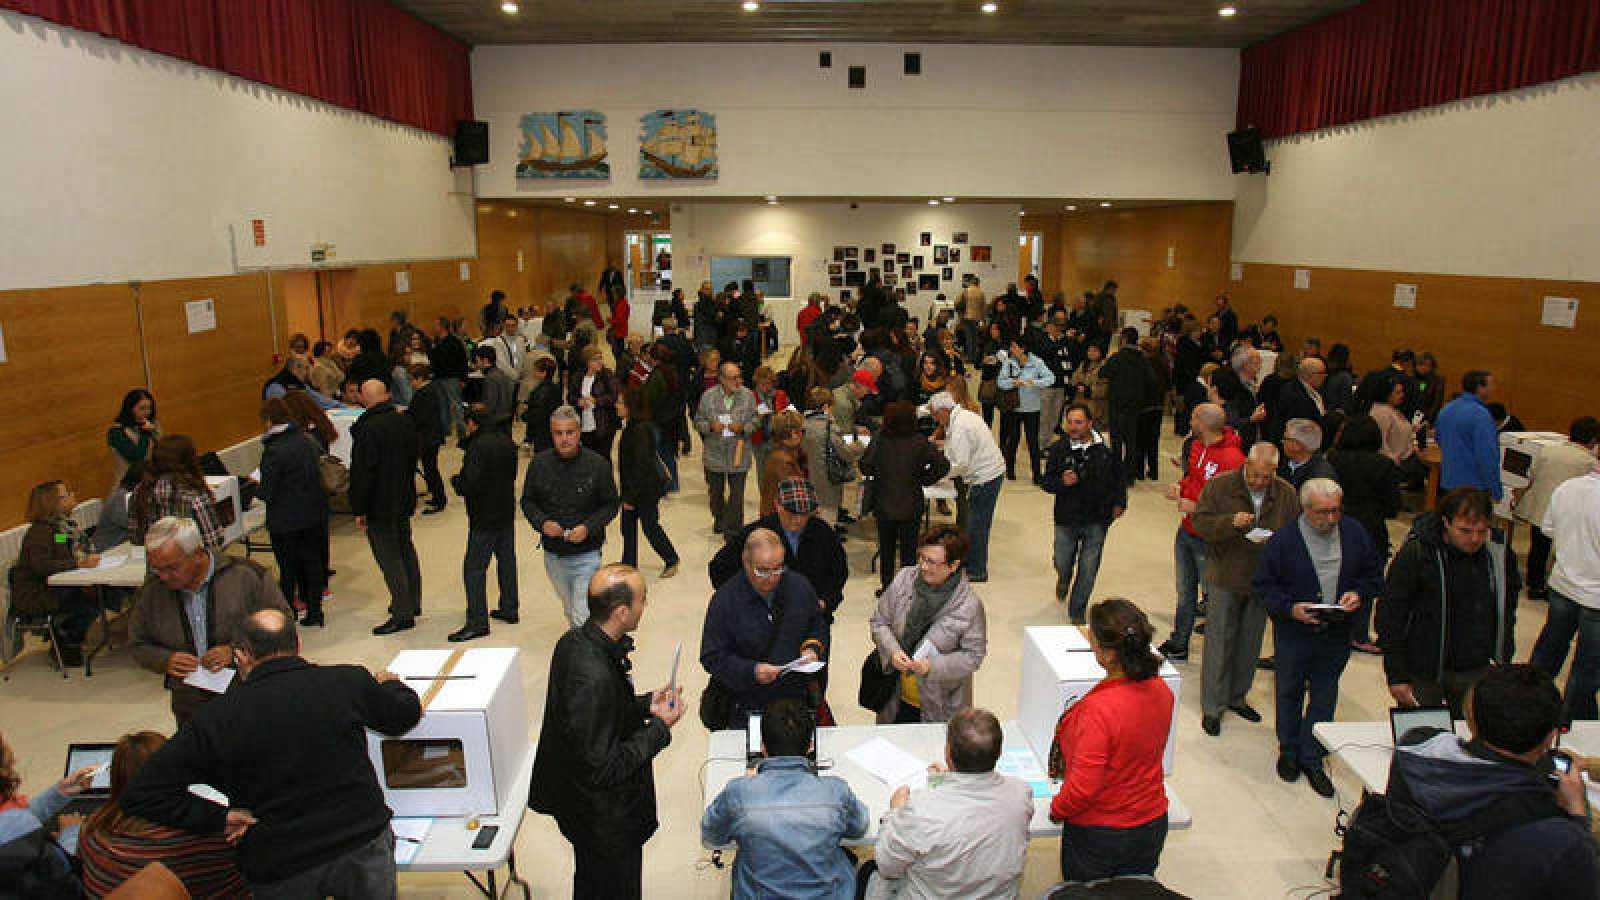 Votaciones en el Instituto Marti i Franques de Tarragona en la consulta del 9N